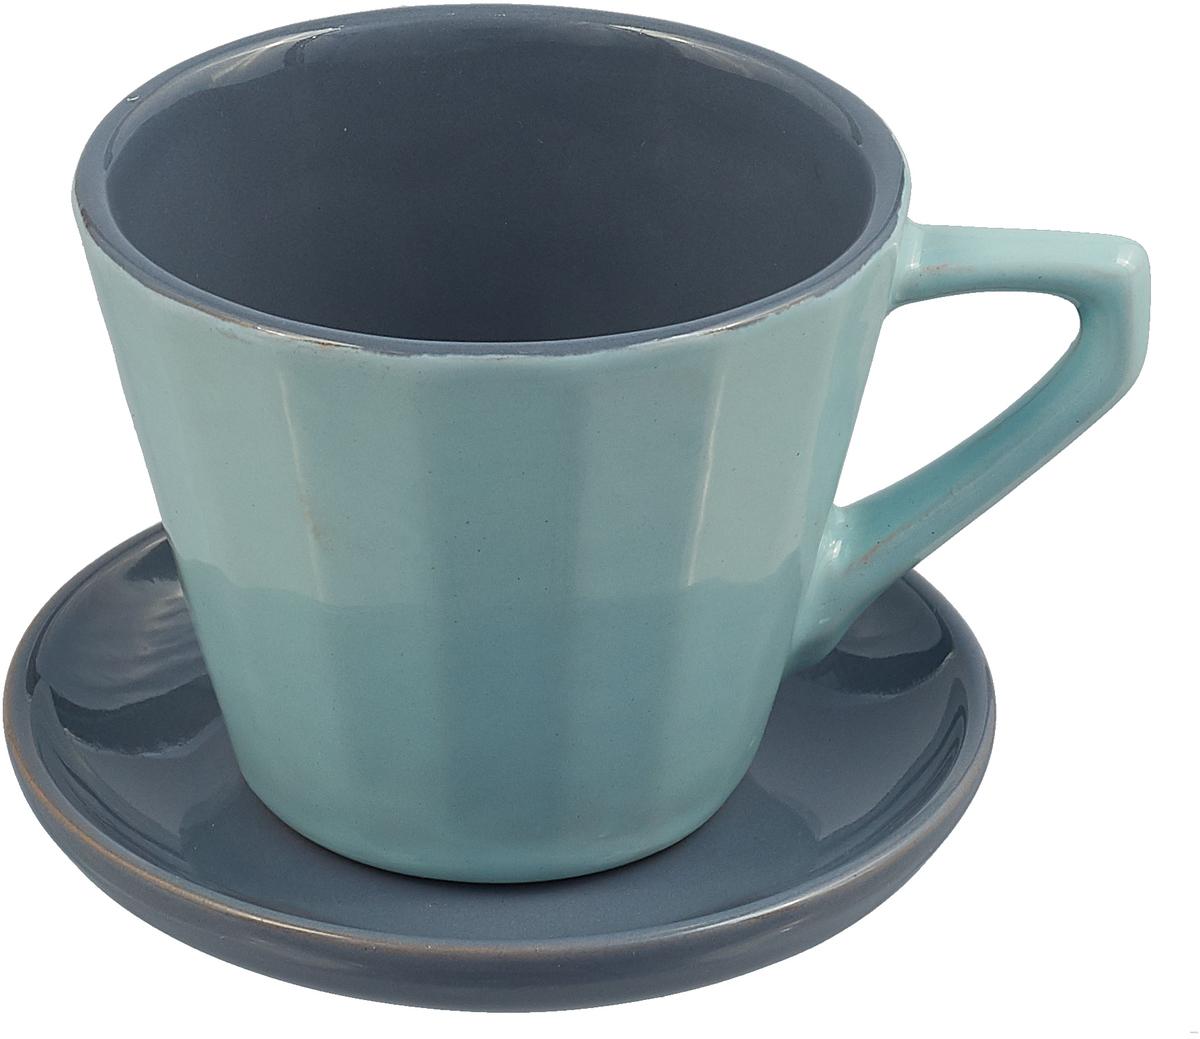 Чайная пара Борисовская керамика Ностальгия, цвет: серо-голубой, серый, 200 мл чайная пара борисовская керамика ностальгия цвет темно фиолетовый голубой 200 мл